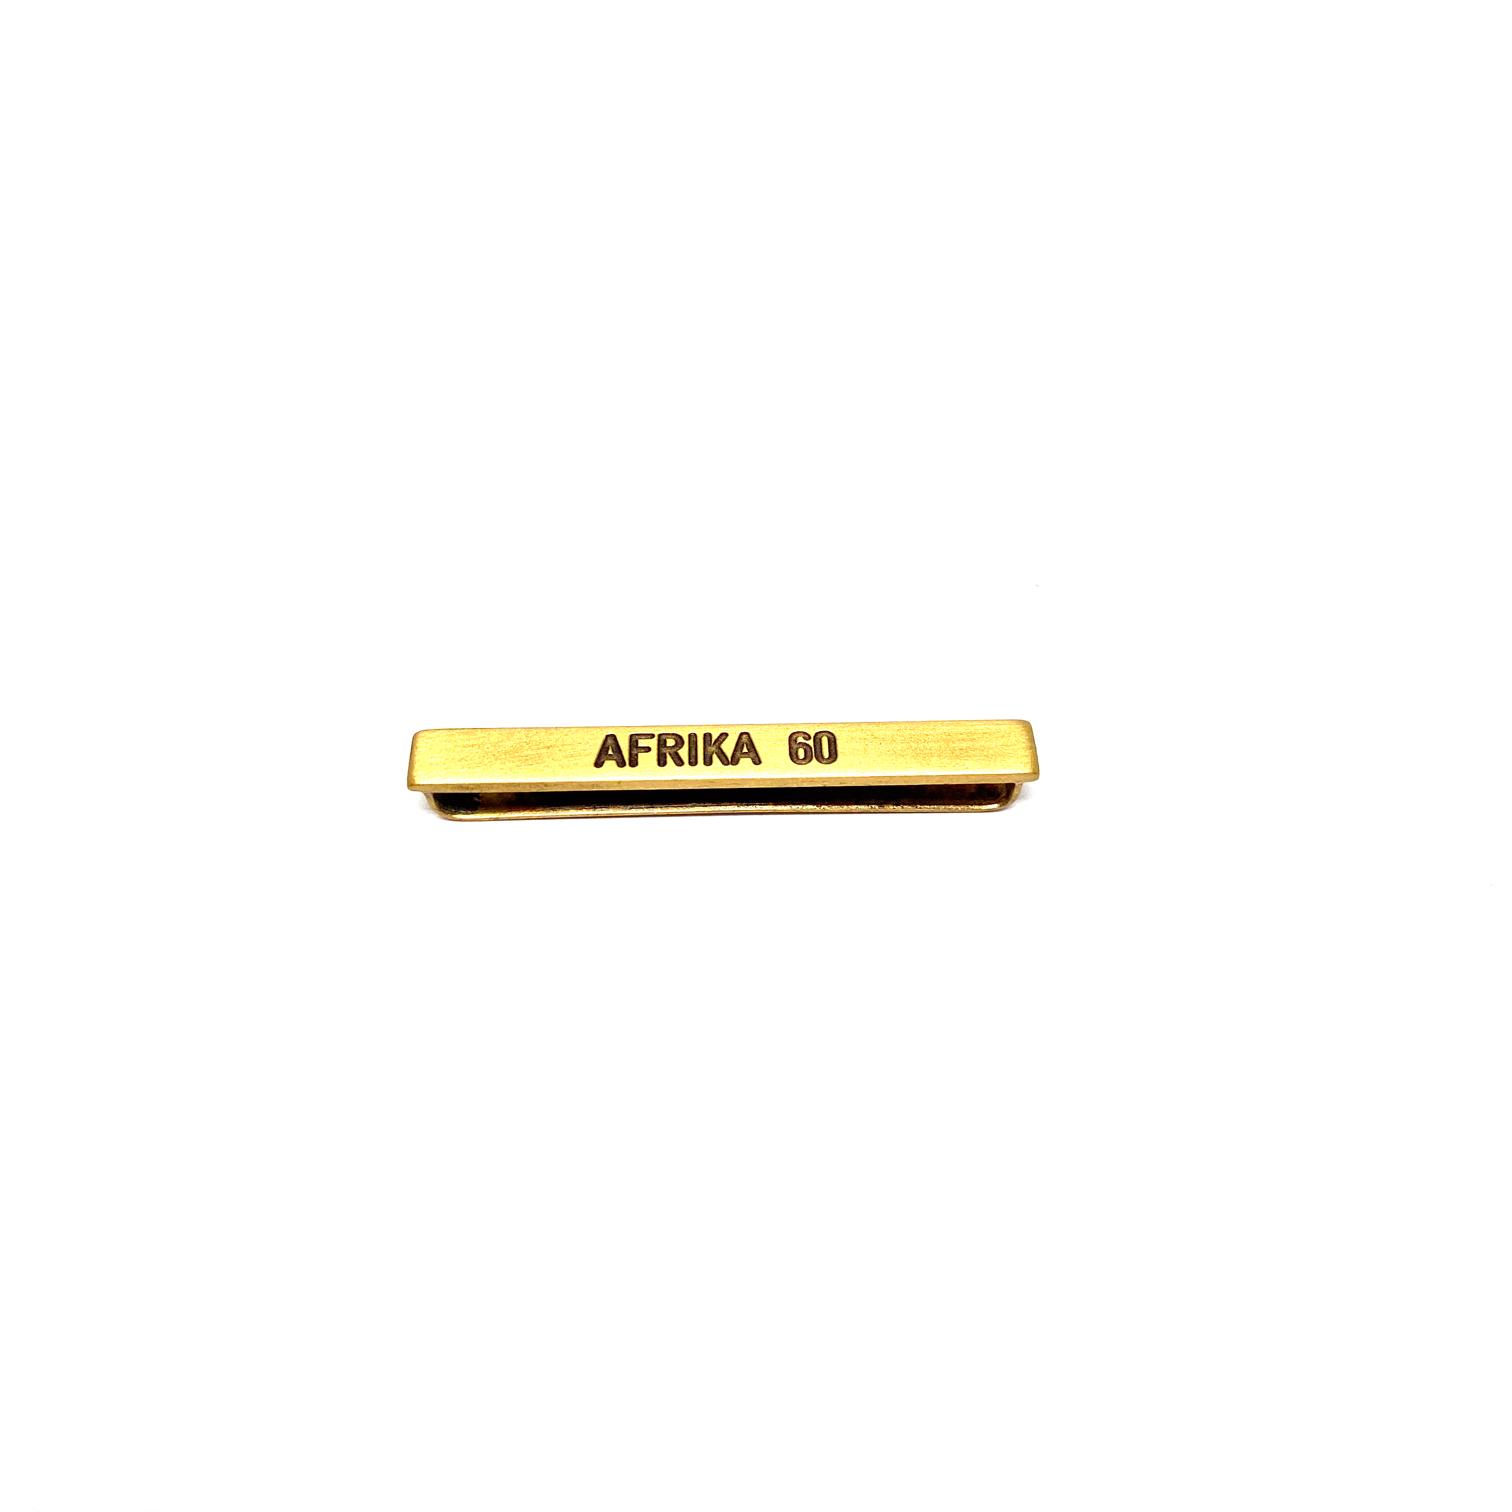 Barrette Afrika 60 pour décorations militaires